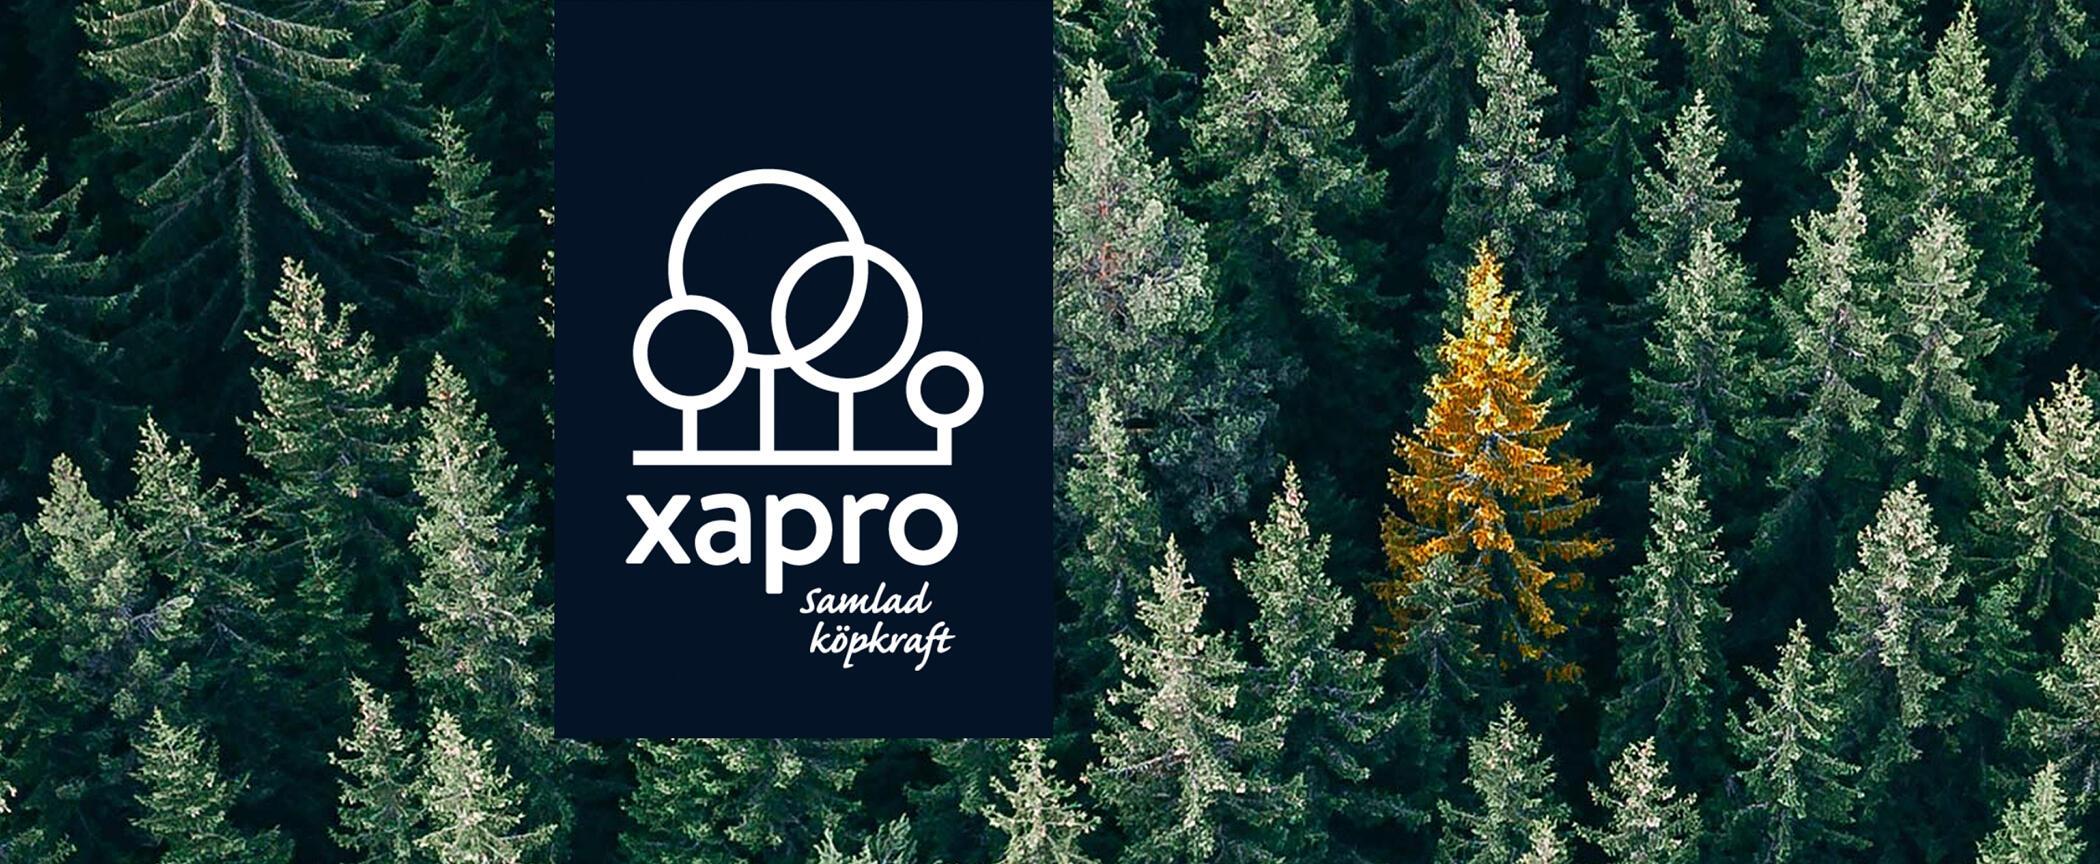 Upp till 1,21kr/litern på diesel med Xapro